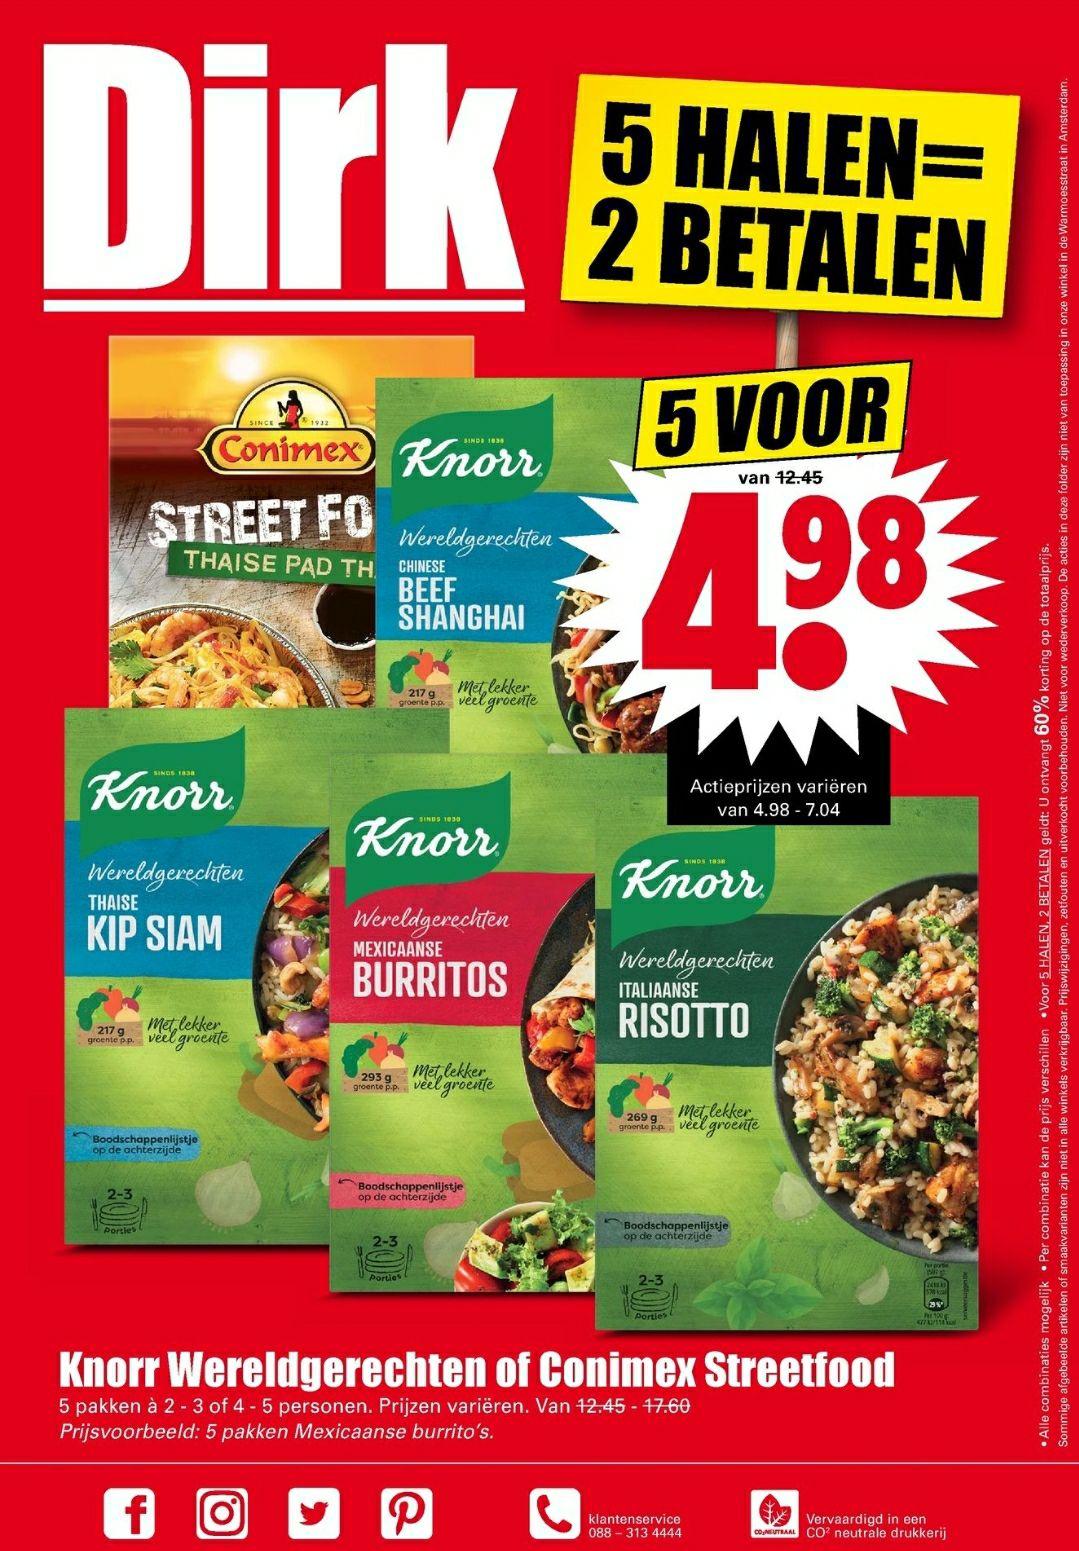 5 halen 2 betalen knorr wereldgerechten of conimex steetfood bij Dirk